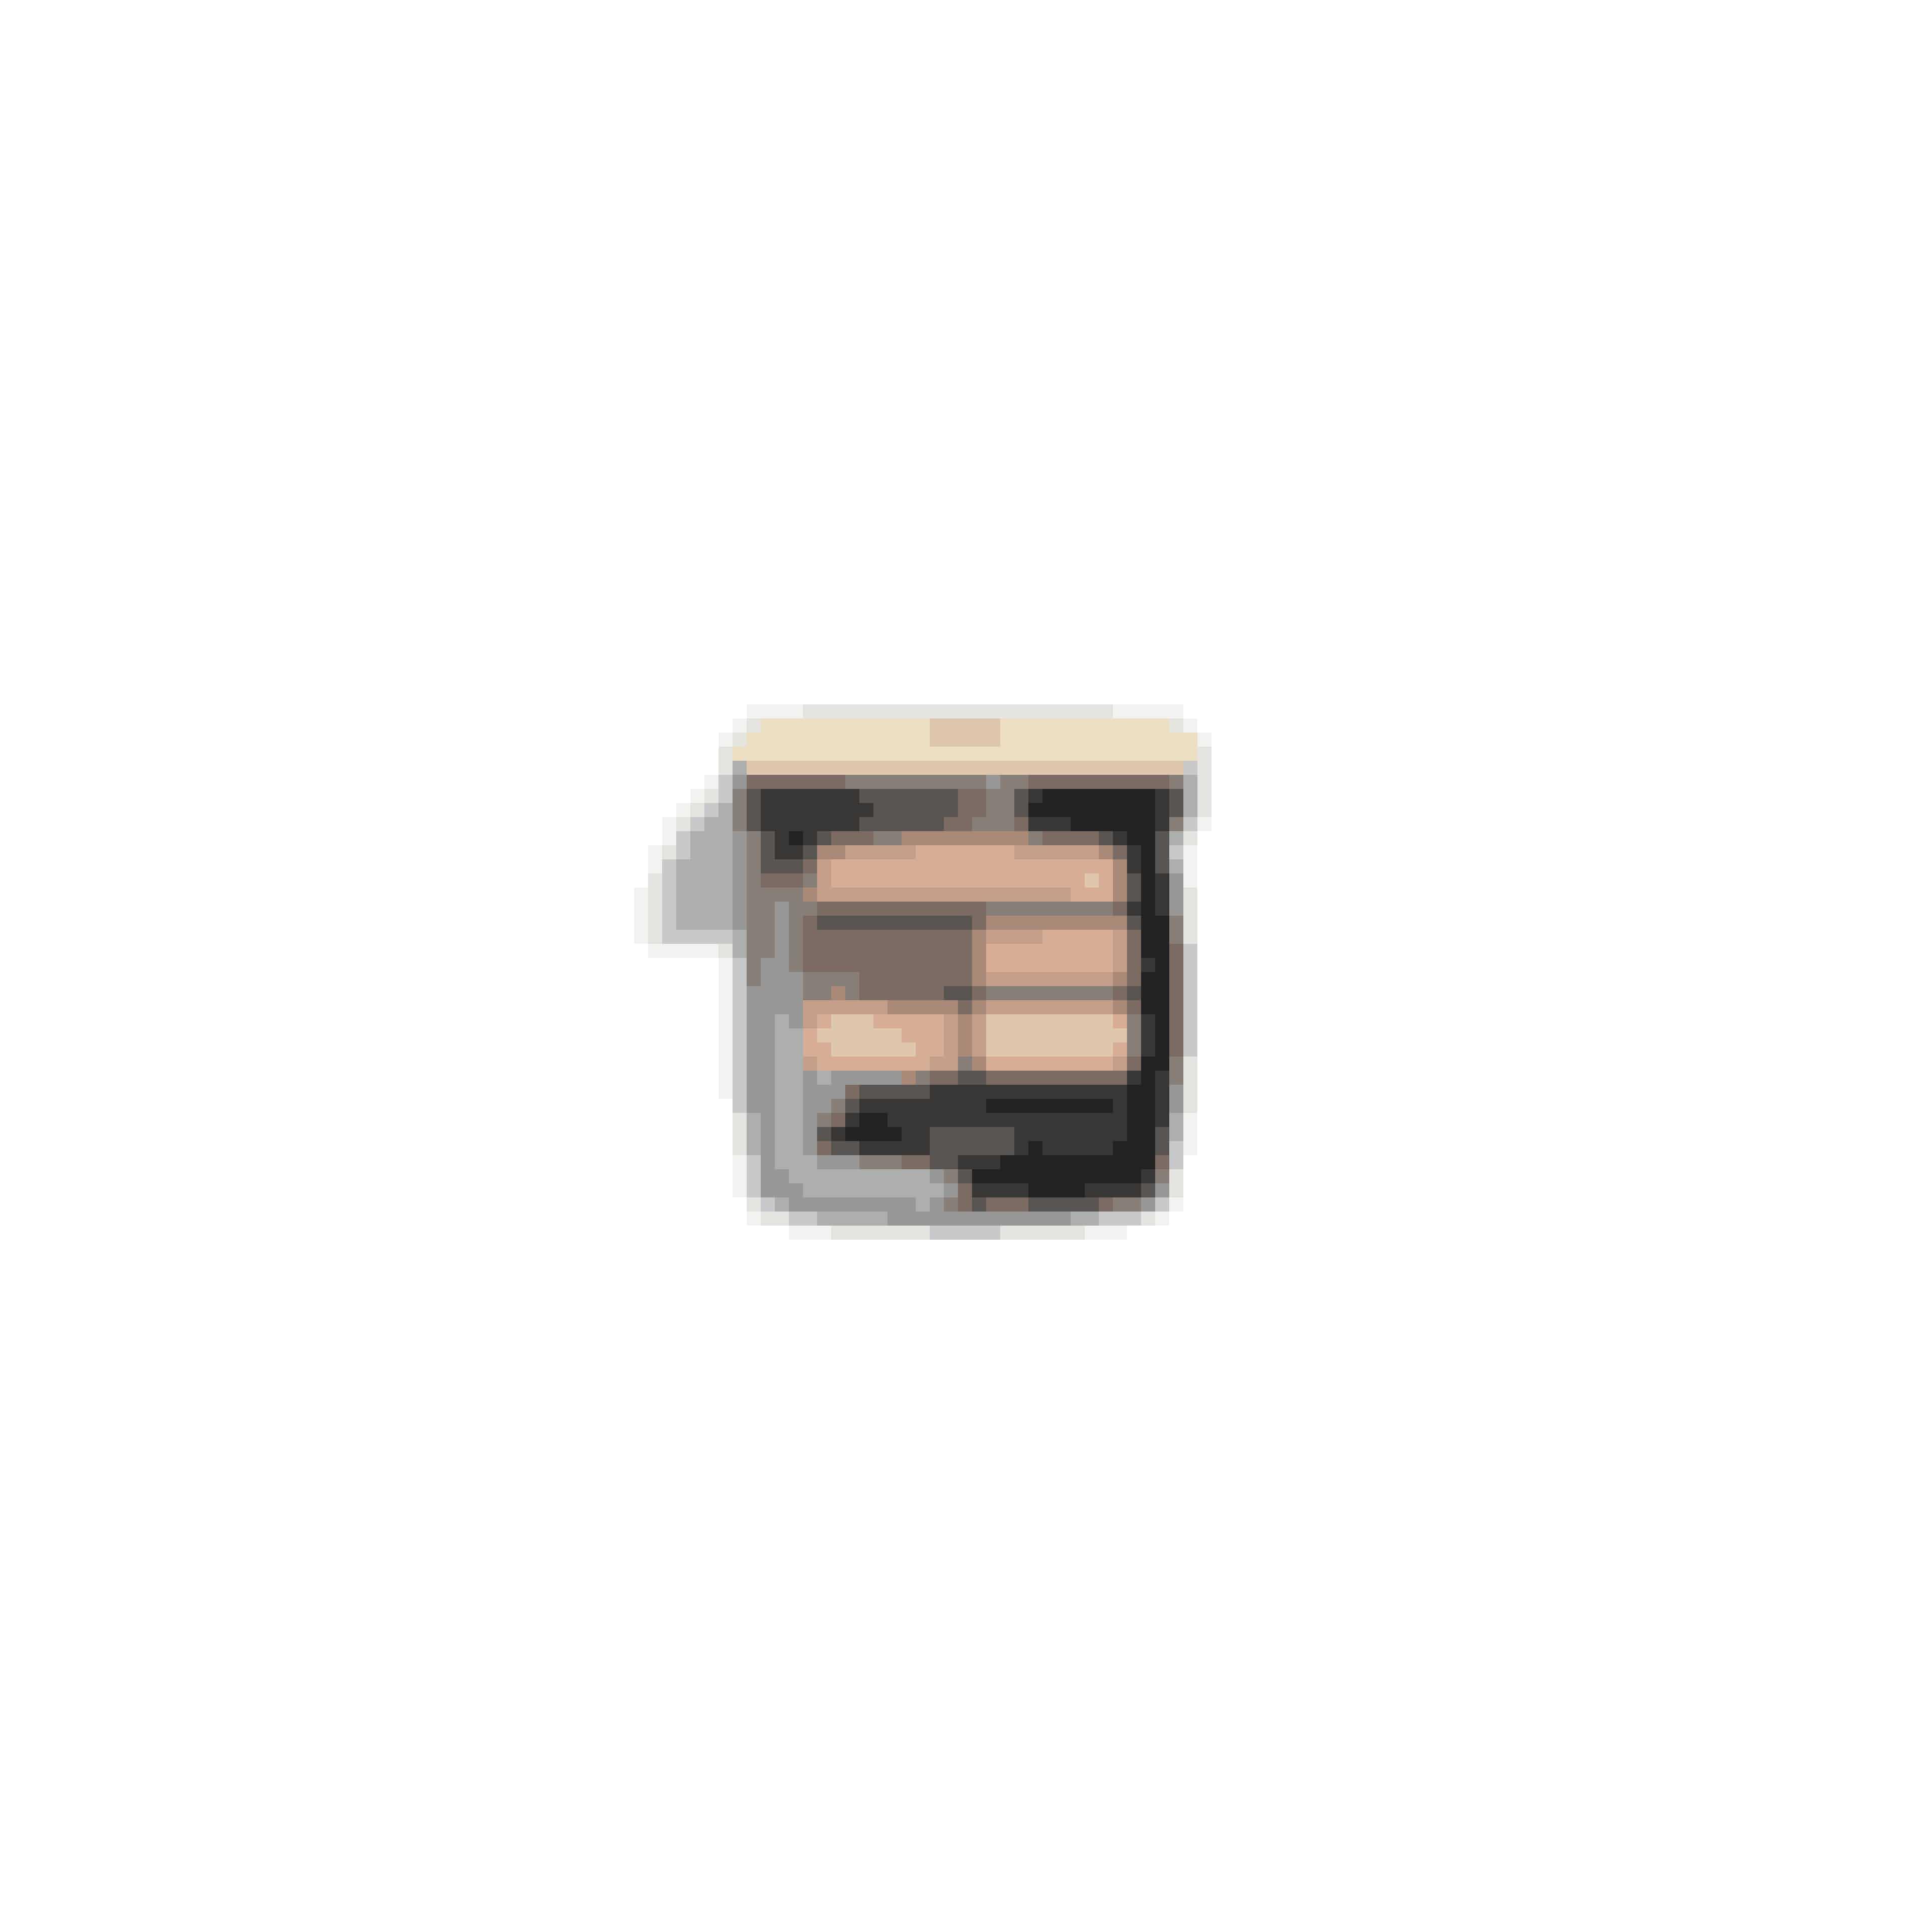 ØJENSKYGGE'Les Beiges Eyeshadow Palette', Chanel, 470 kr.Køb HER.